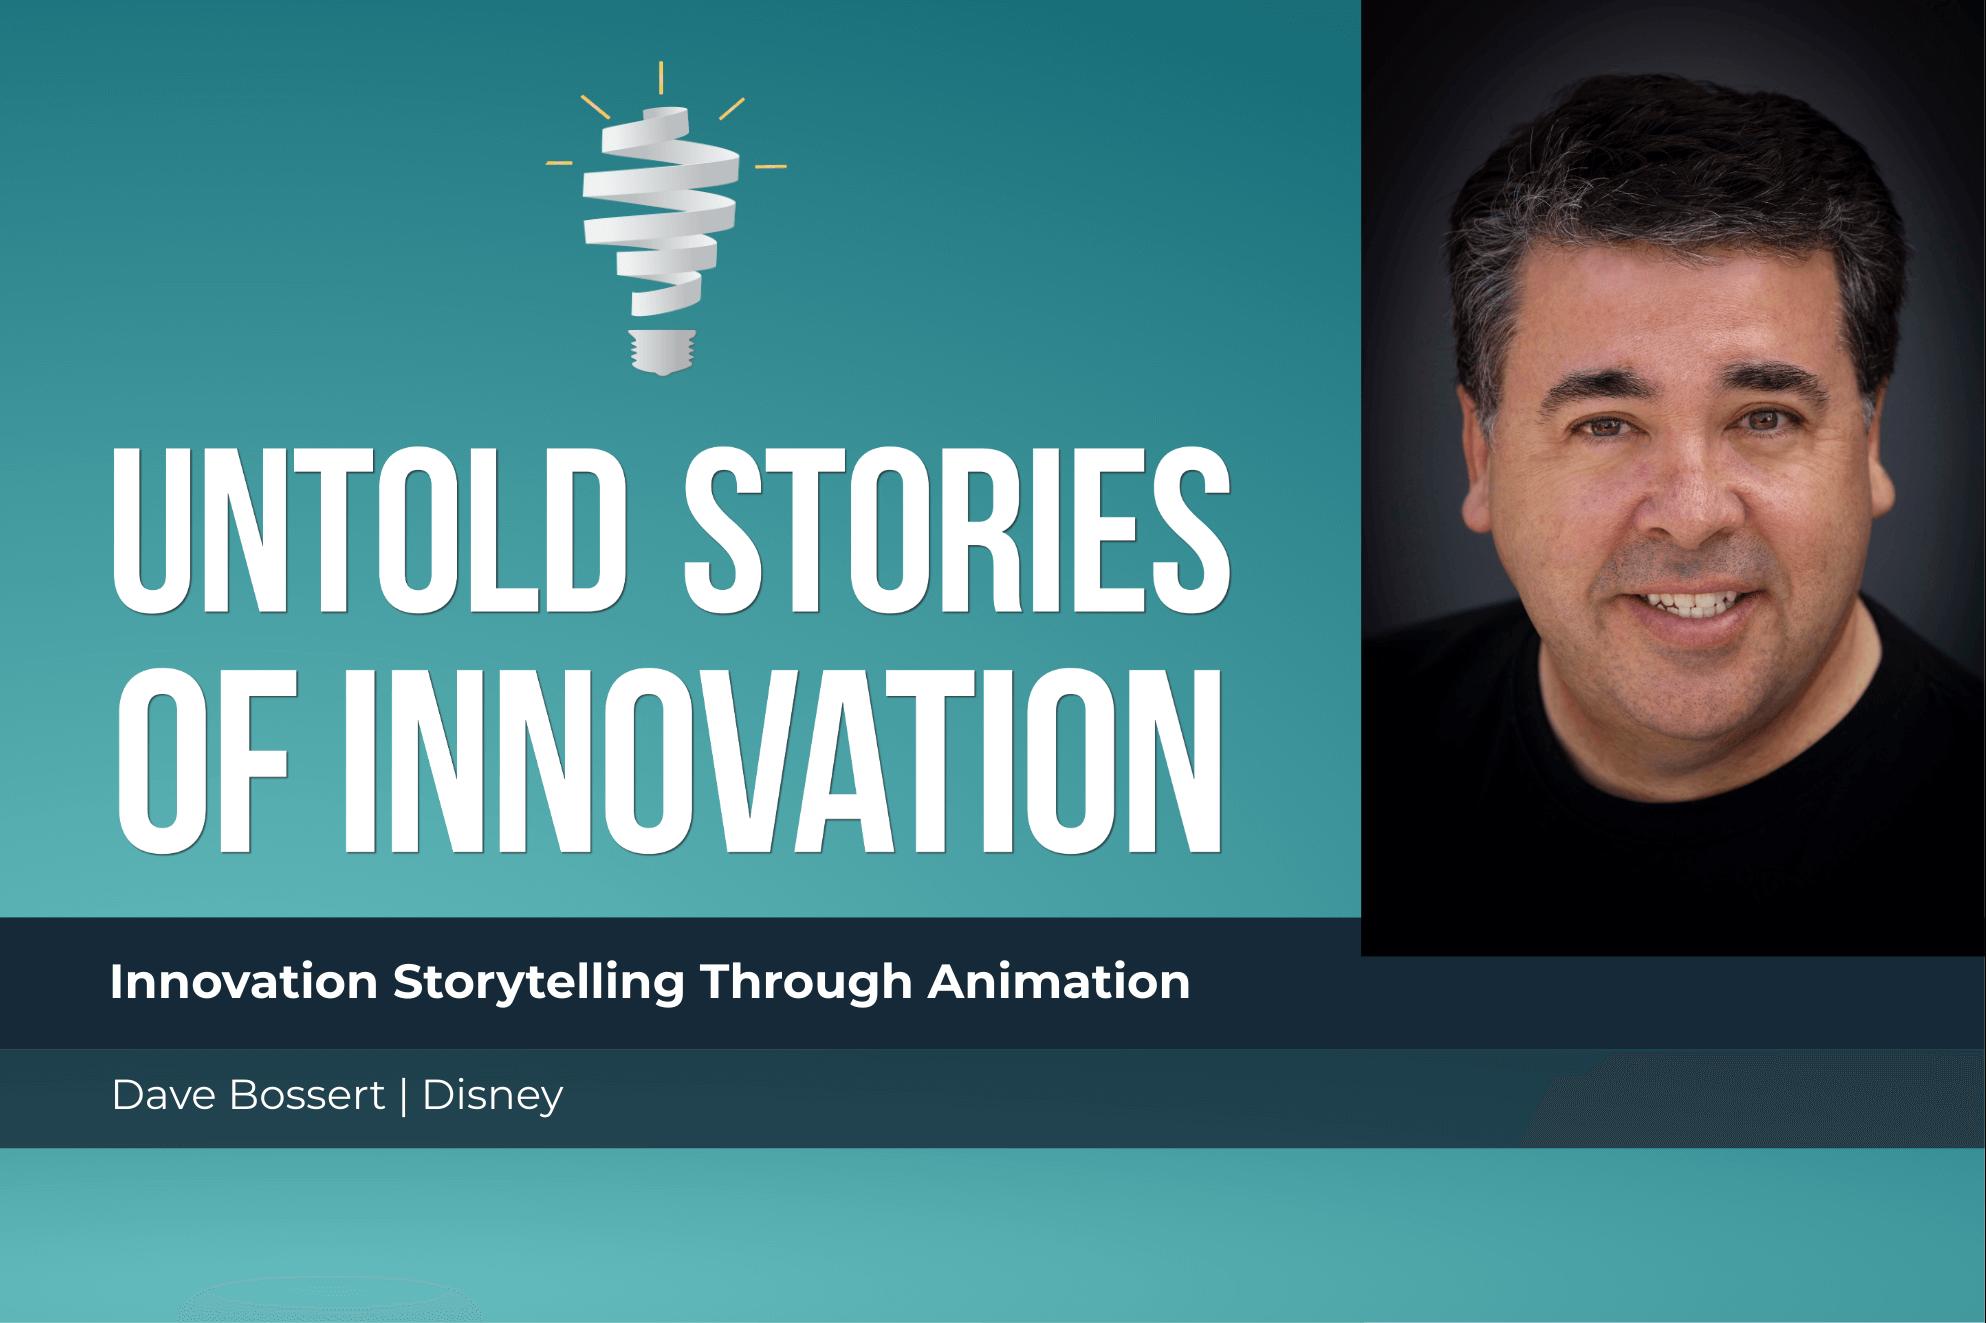 Innovation Storytelling through Animation